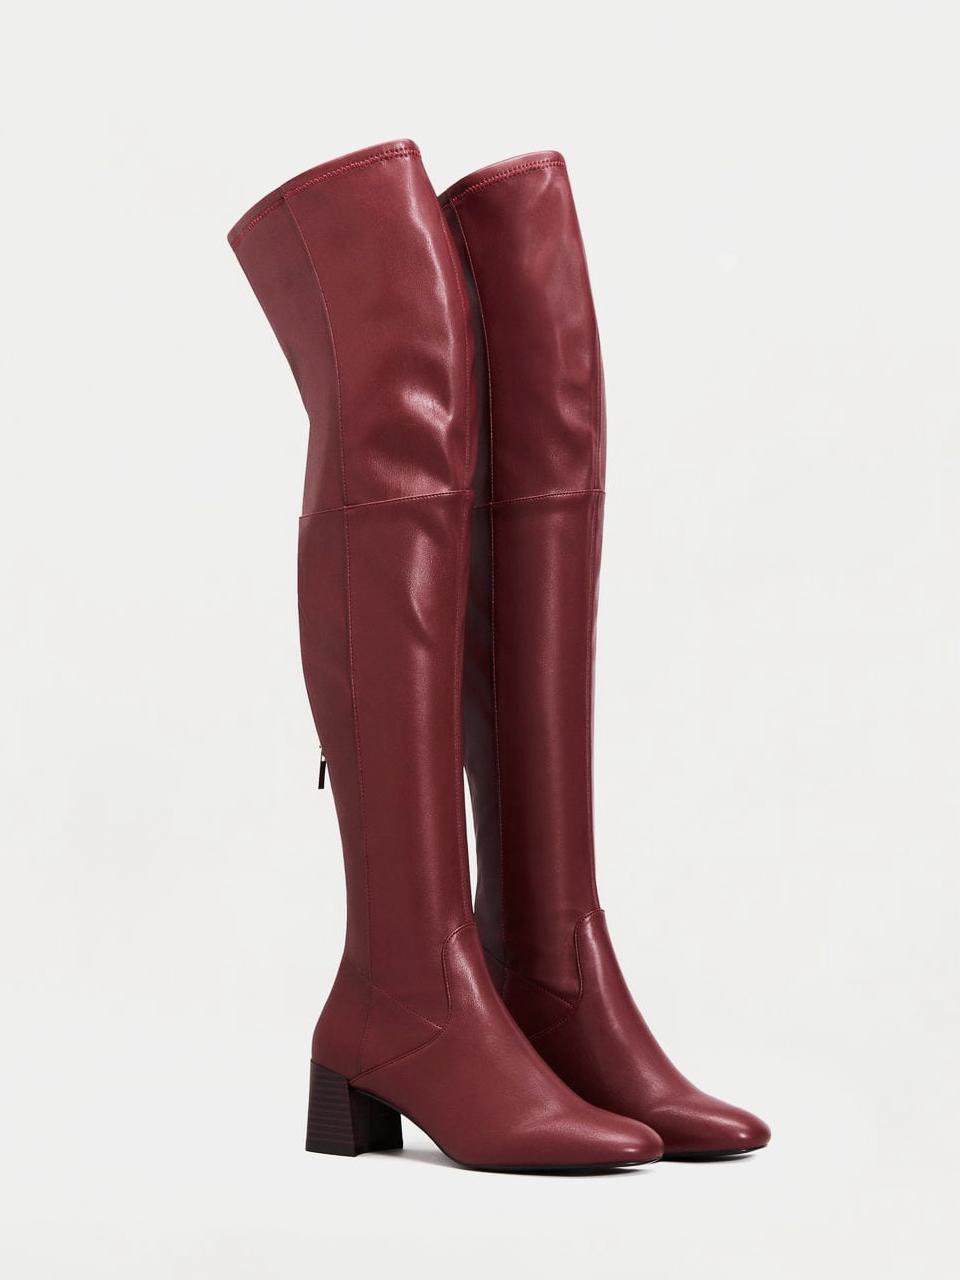 boots5.jpg